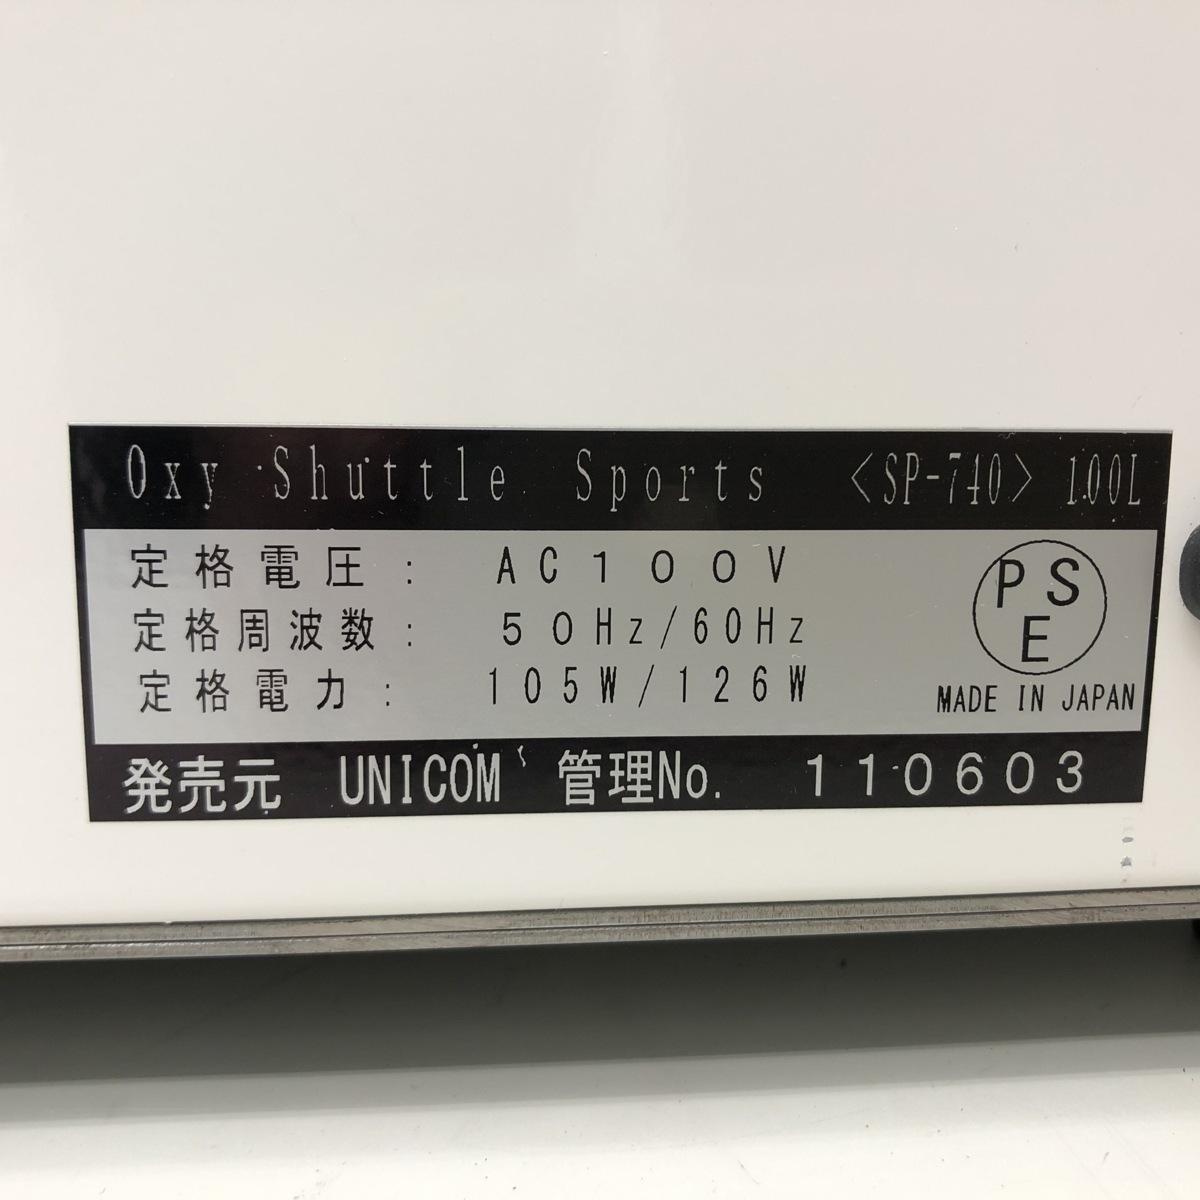 ◆ ユニコム UNICOM オキシシャトル スポーツ oxy shuttle sports 酸素カプセル コンプレッサー SP-740 100L スポーツ用 通電OK 現状品_画像10